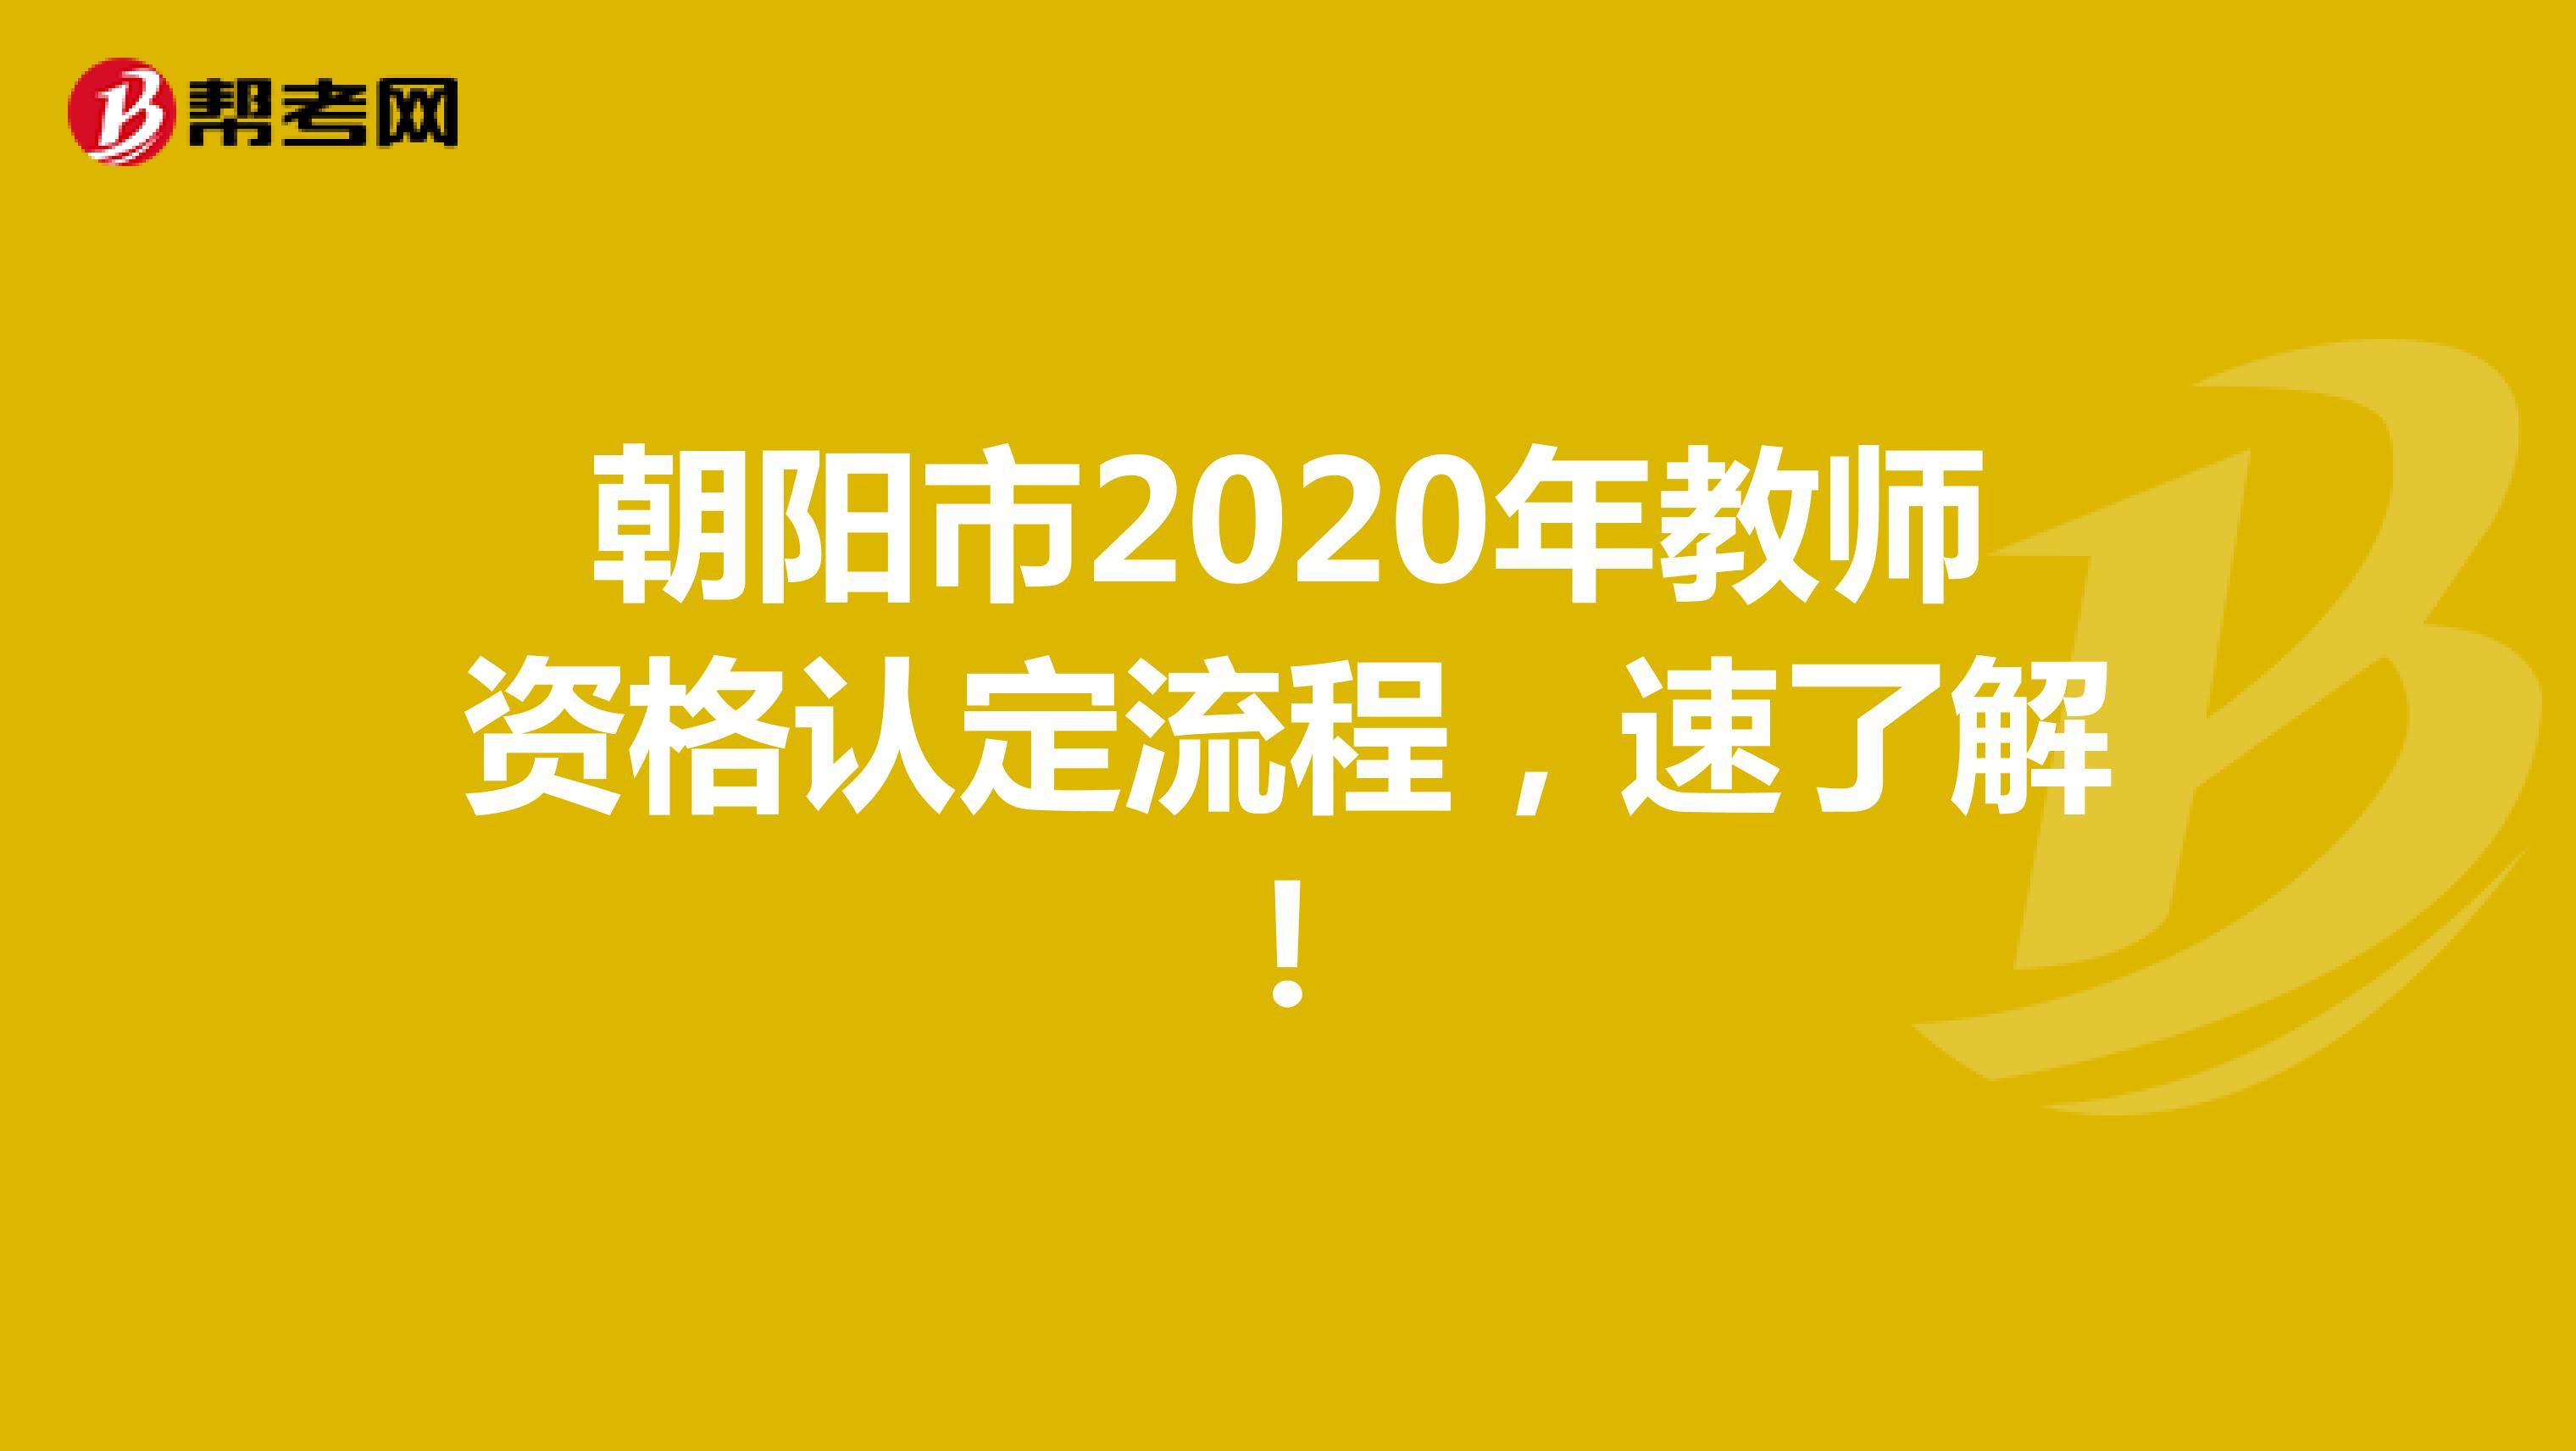 朝阳市2020年教师资格认定流程,速了解!